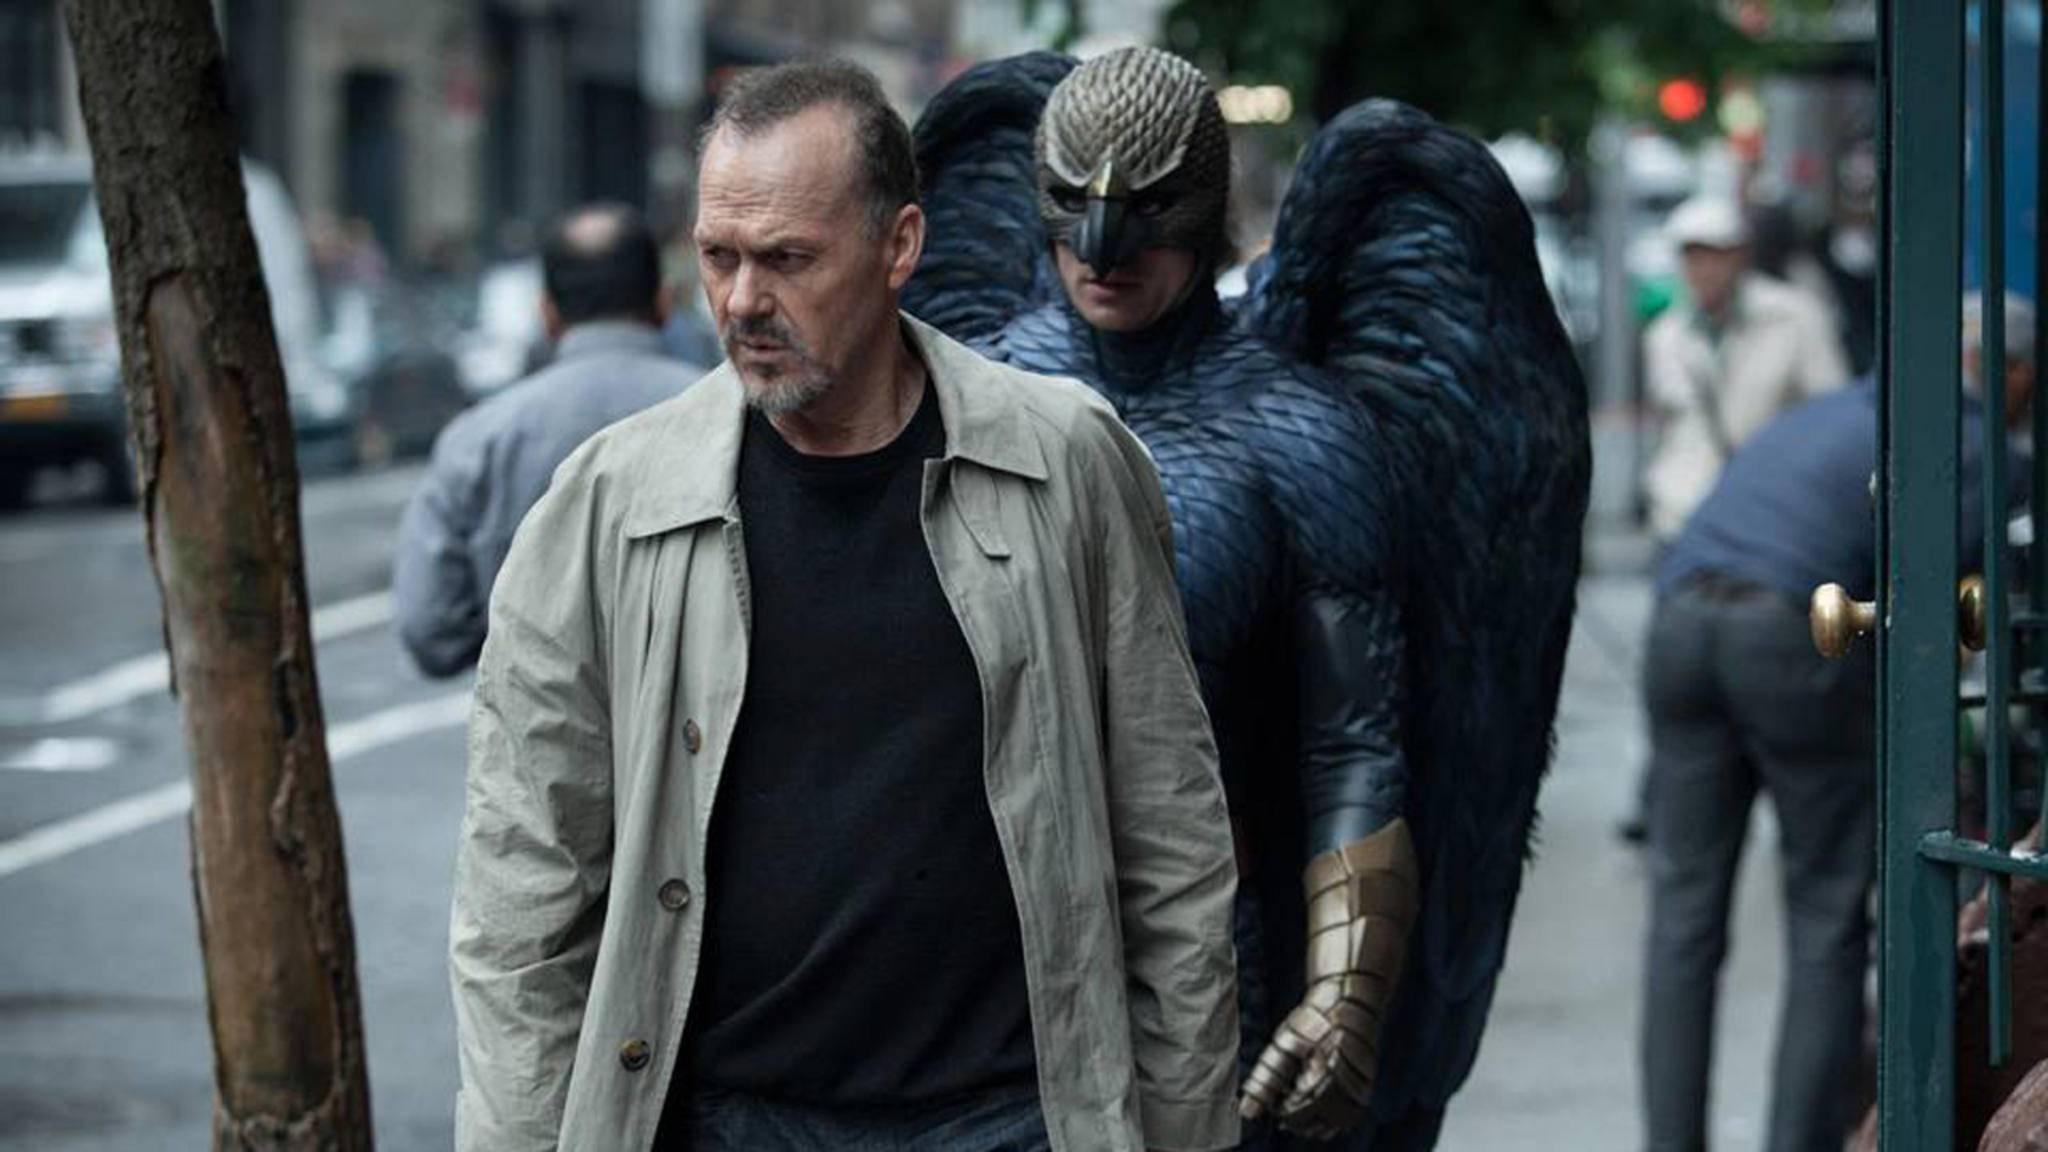 """Gute Referenzen für die Rolle als Vulture: Michael Keaton spielte schon in """"Birdman"""" einen Superhelden mit Federkleid."""